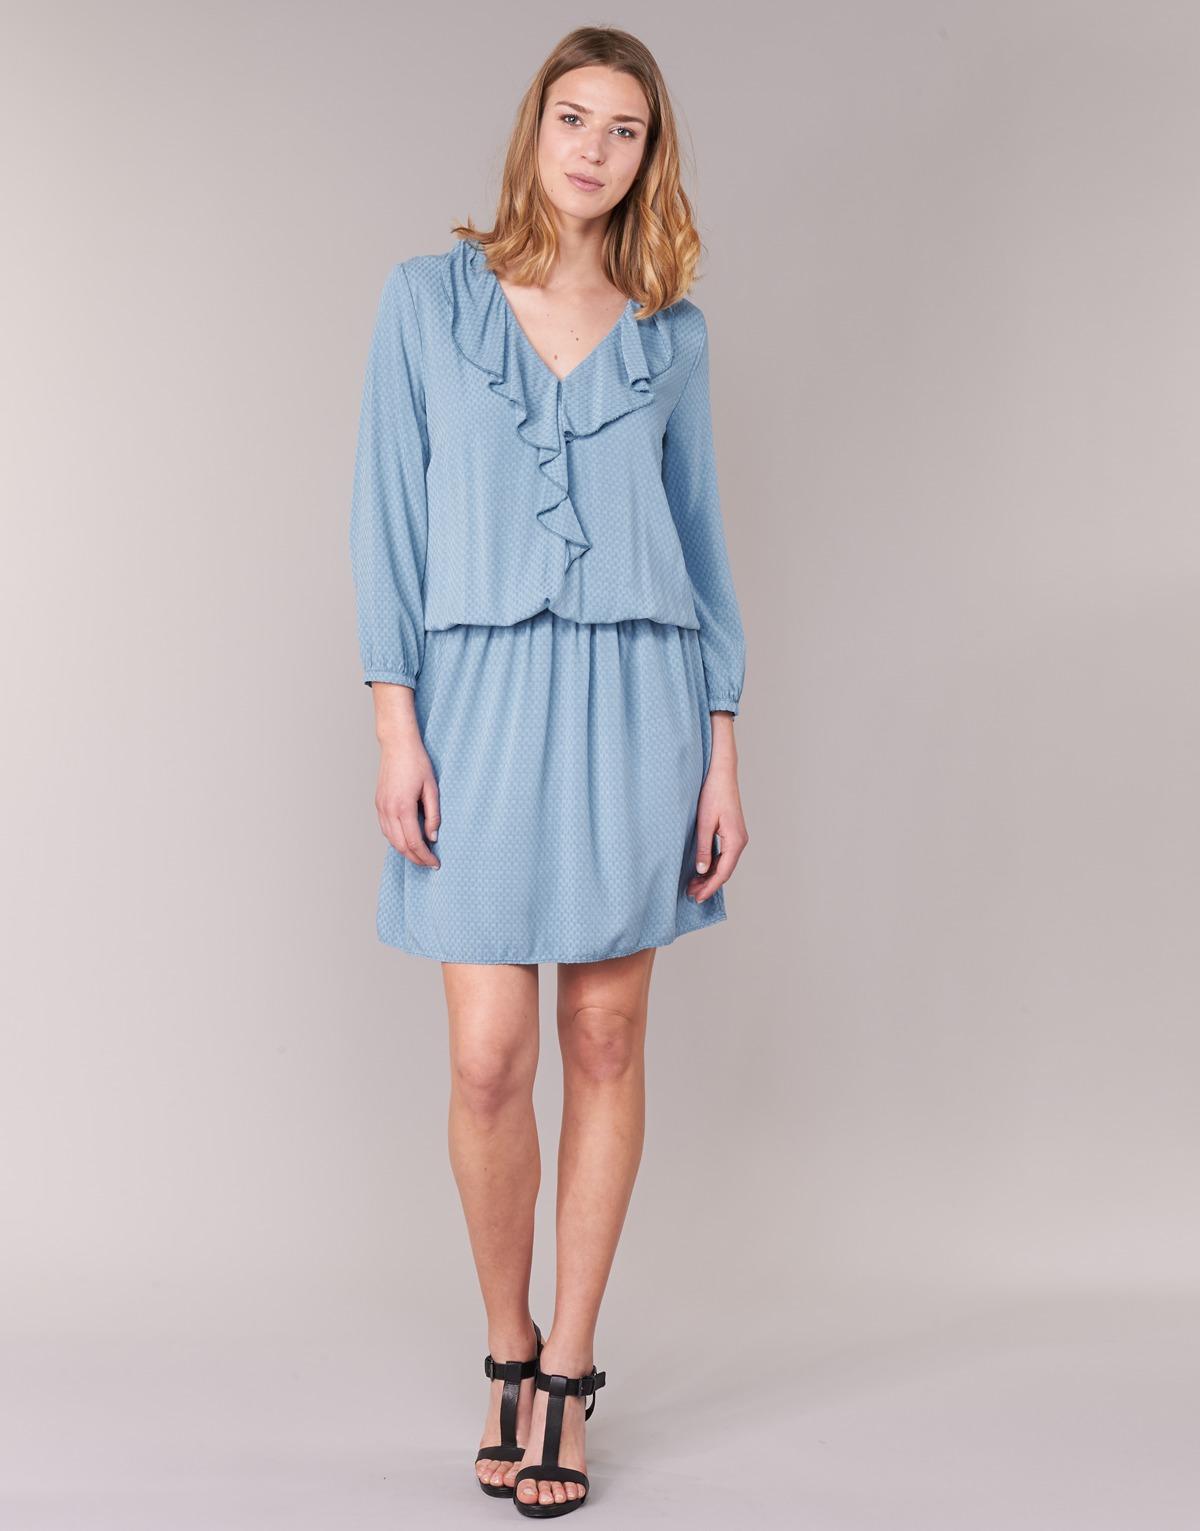 Κοντά Φορέματα Benetton AFIDOUL Σύνθεση  Βισκόζη 6cf40d4fbc5